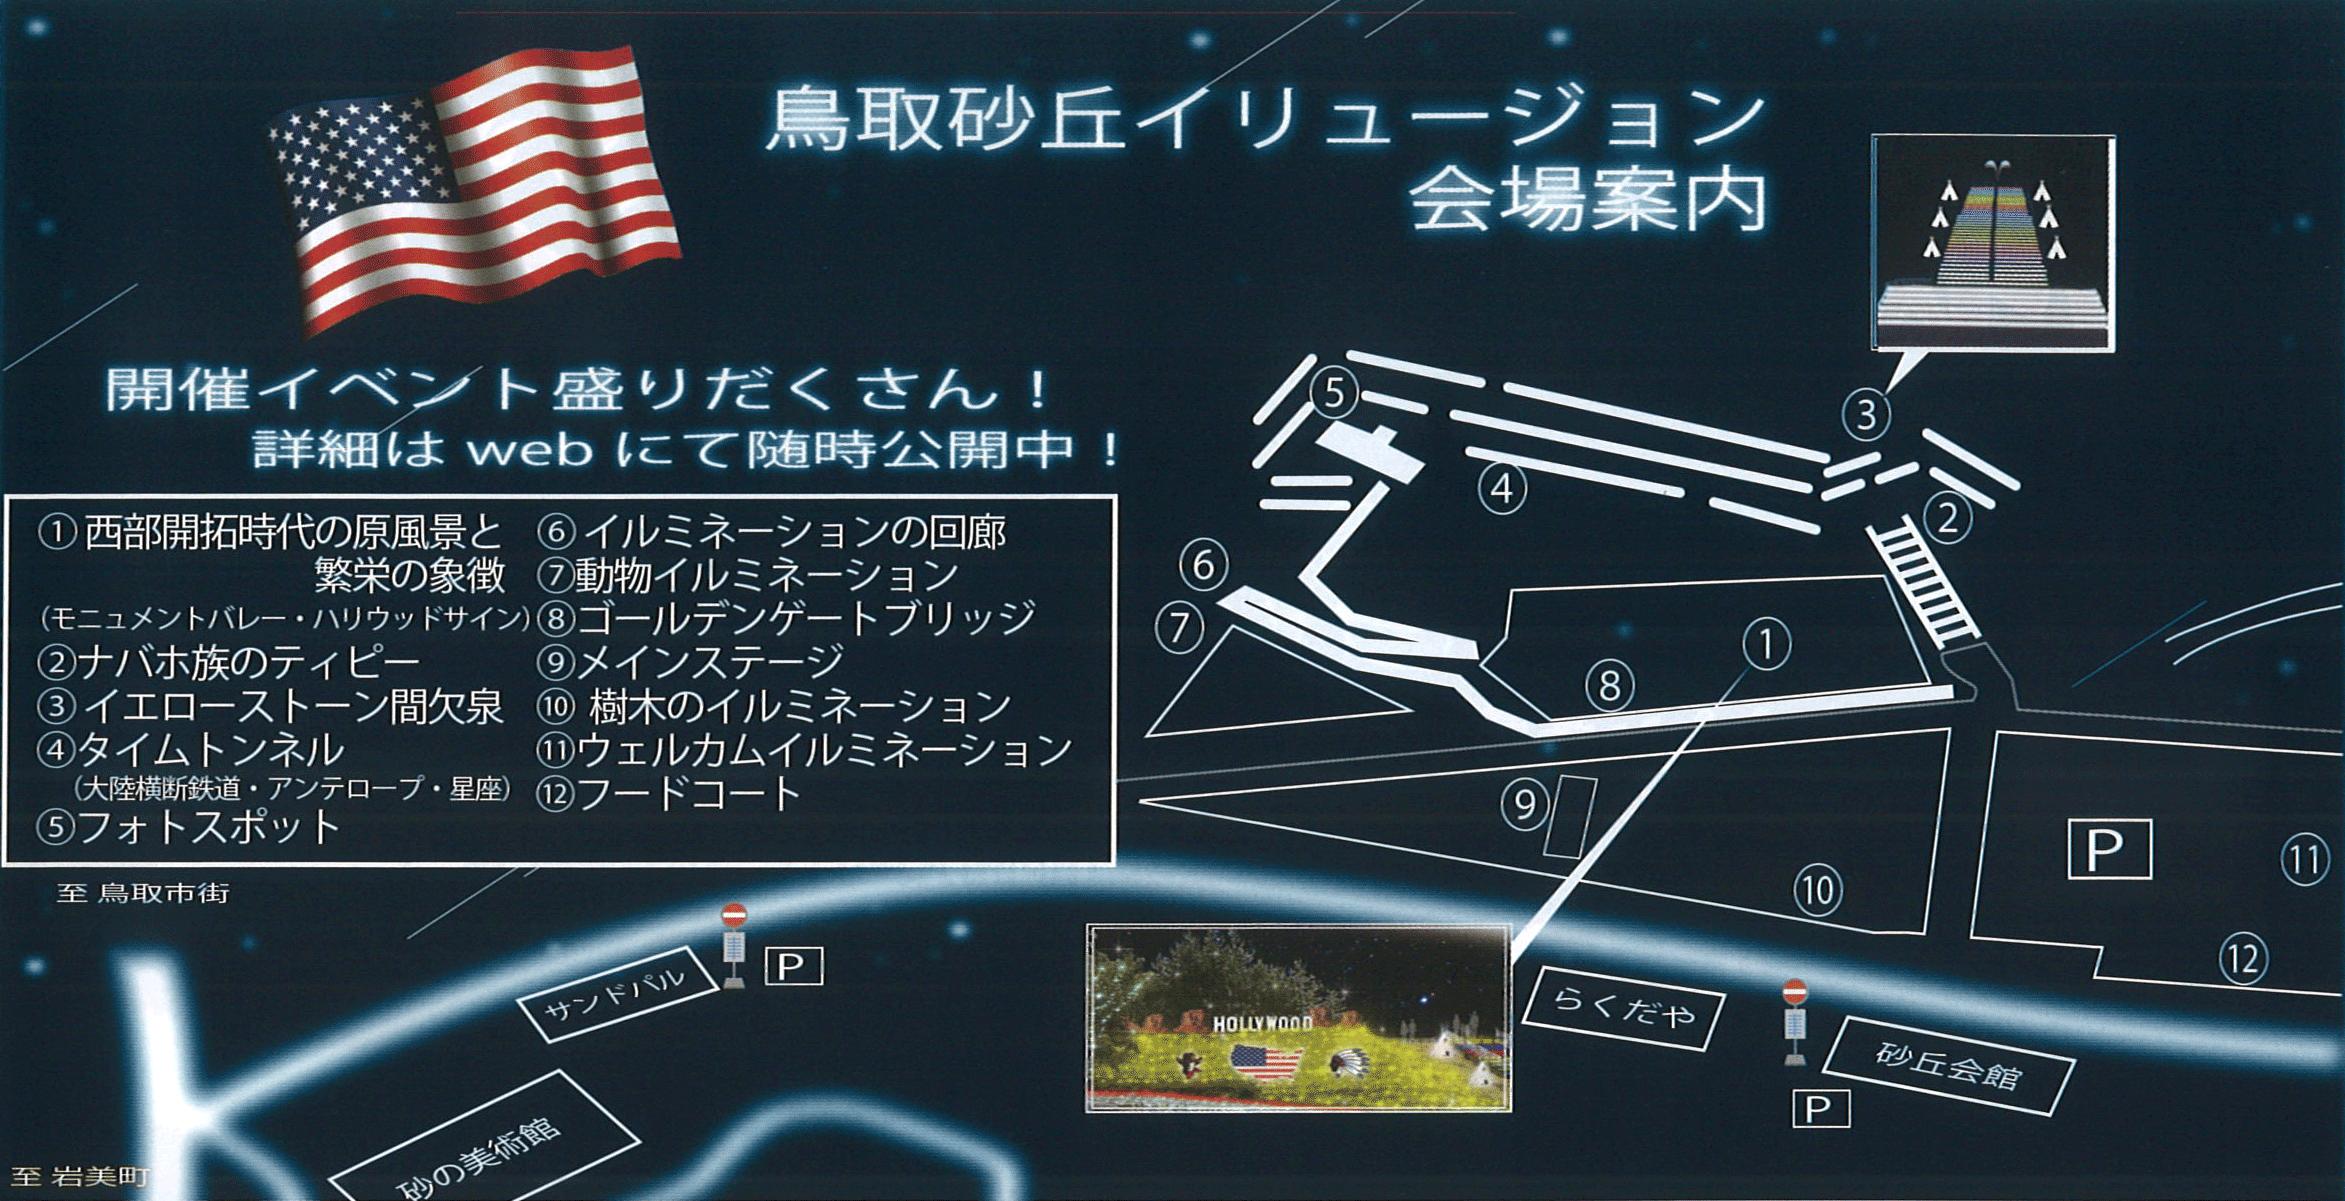 鳥取砂丘イリュージョン2017マップ